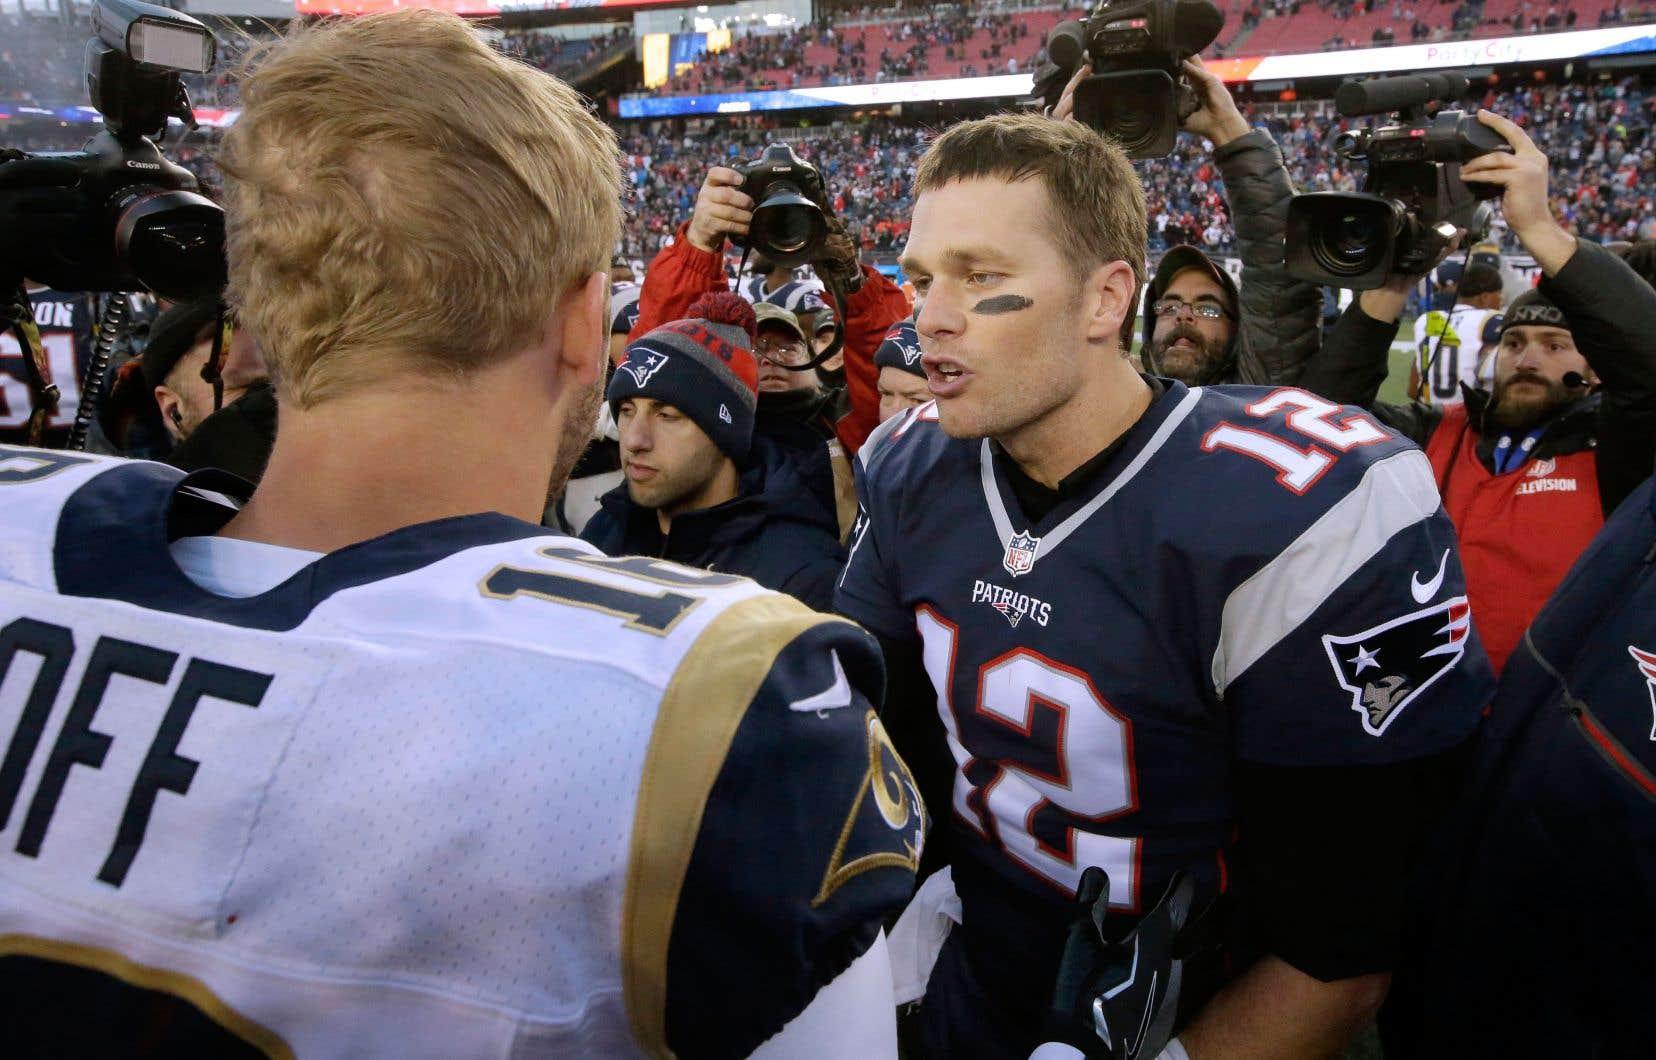 Tom Brady et Jared Goff s'étaient affrontés en décembre 2016 lors de la première saison du jeune quart des Rams de Los Angeles. Les Patriots l'avaient emporté 26-10.